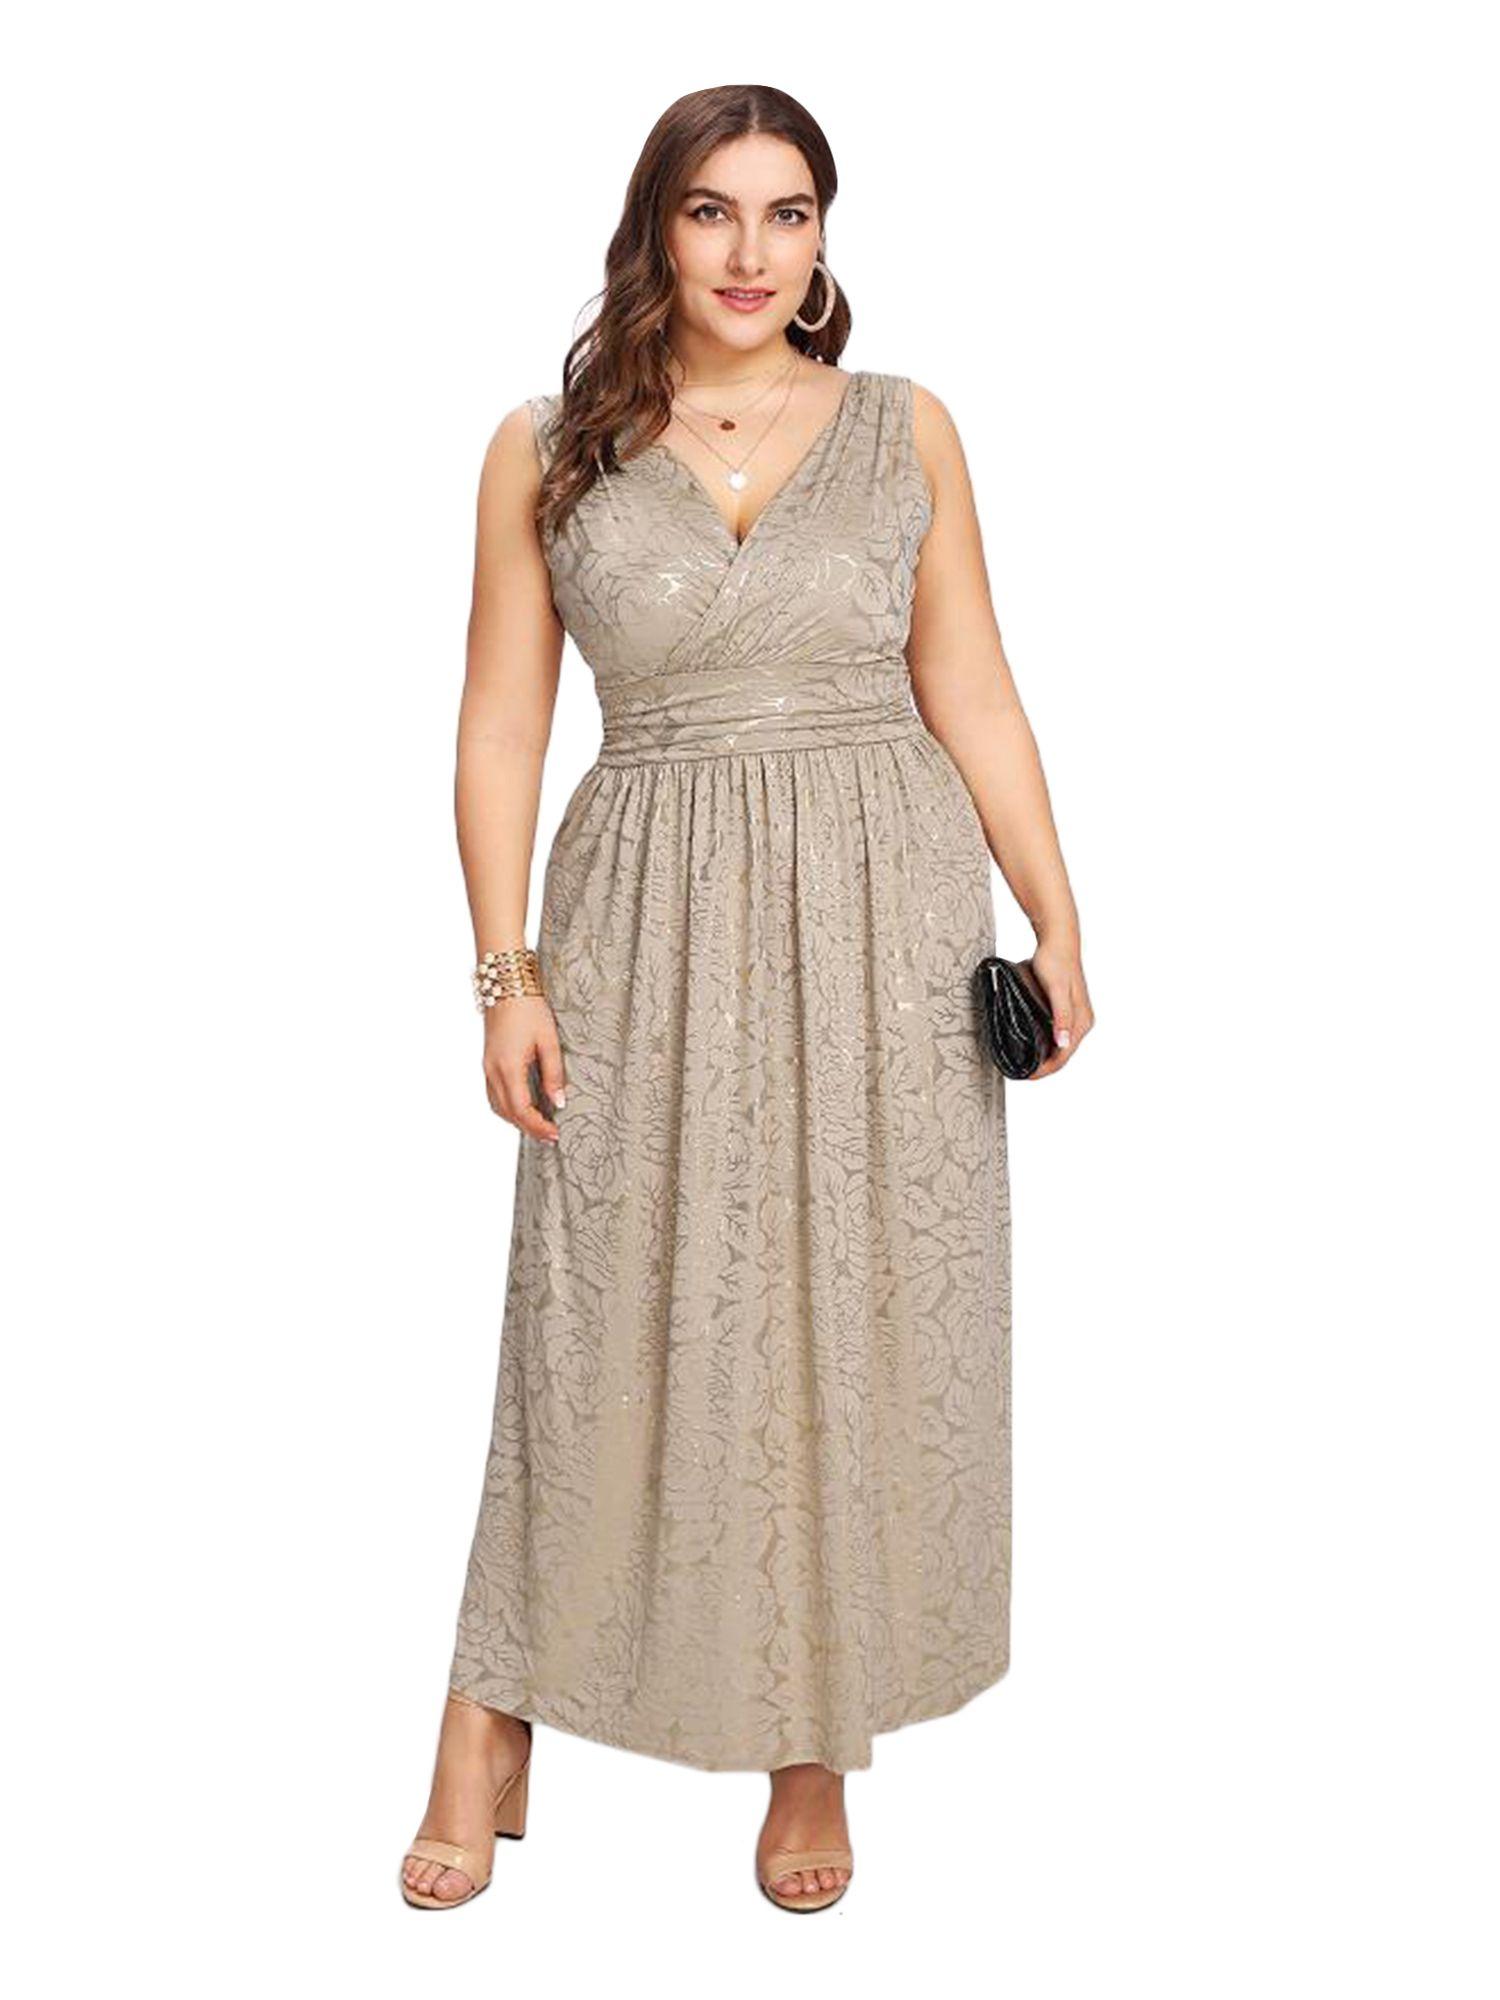 27d6b6ff5f8 ESPRLIA Women s Plus Size Sequin Party Club Cocktail Maxi Dress ...